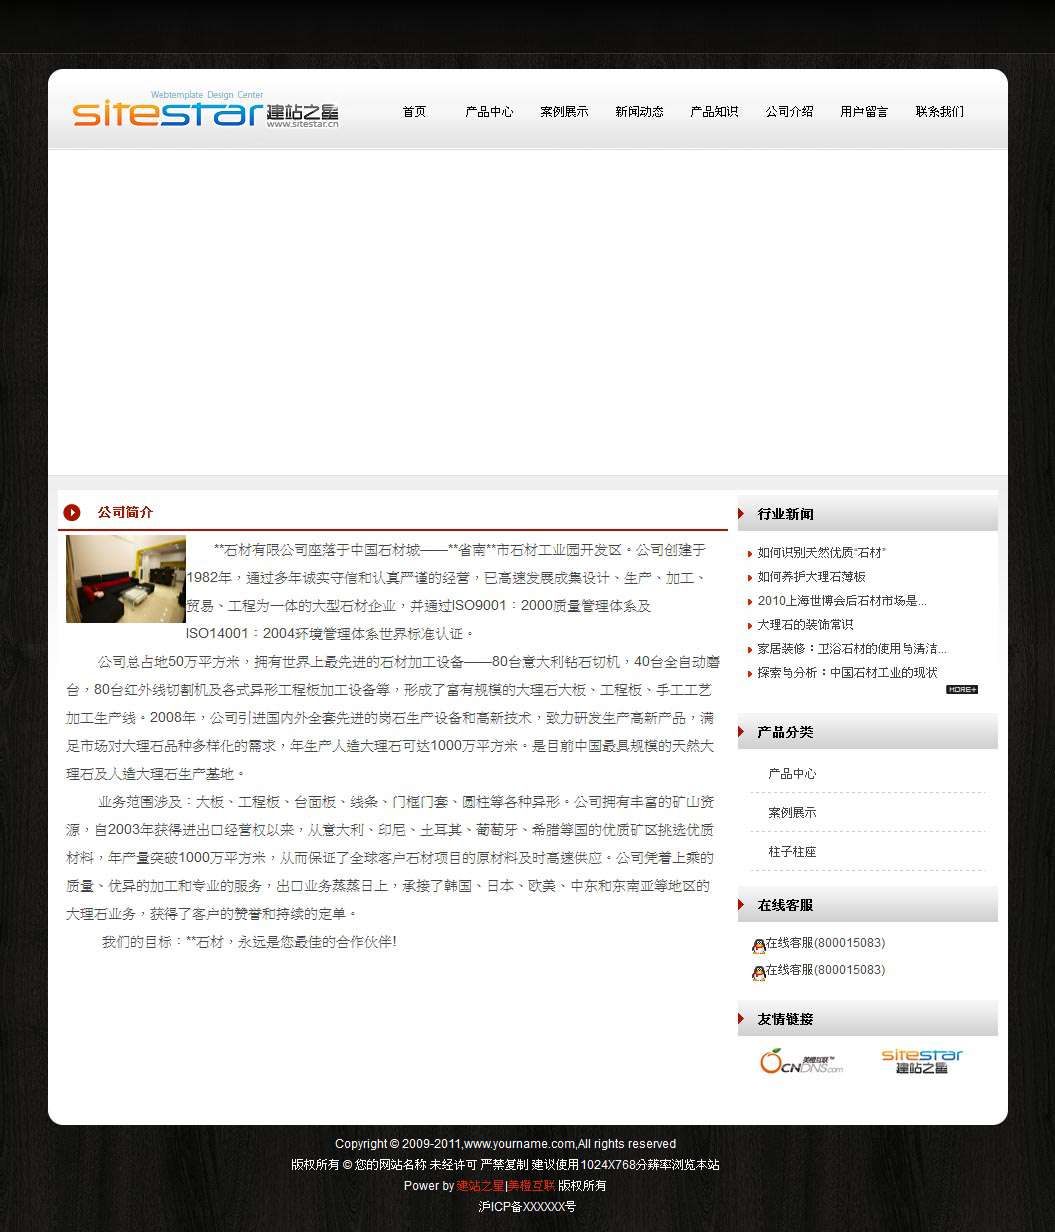 企业网站-建筑A18模板关于我们页面